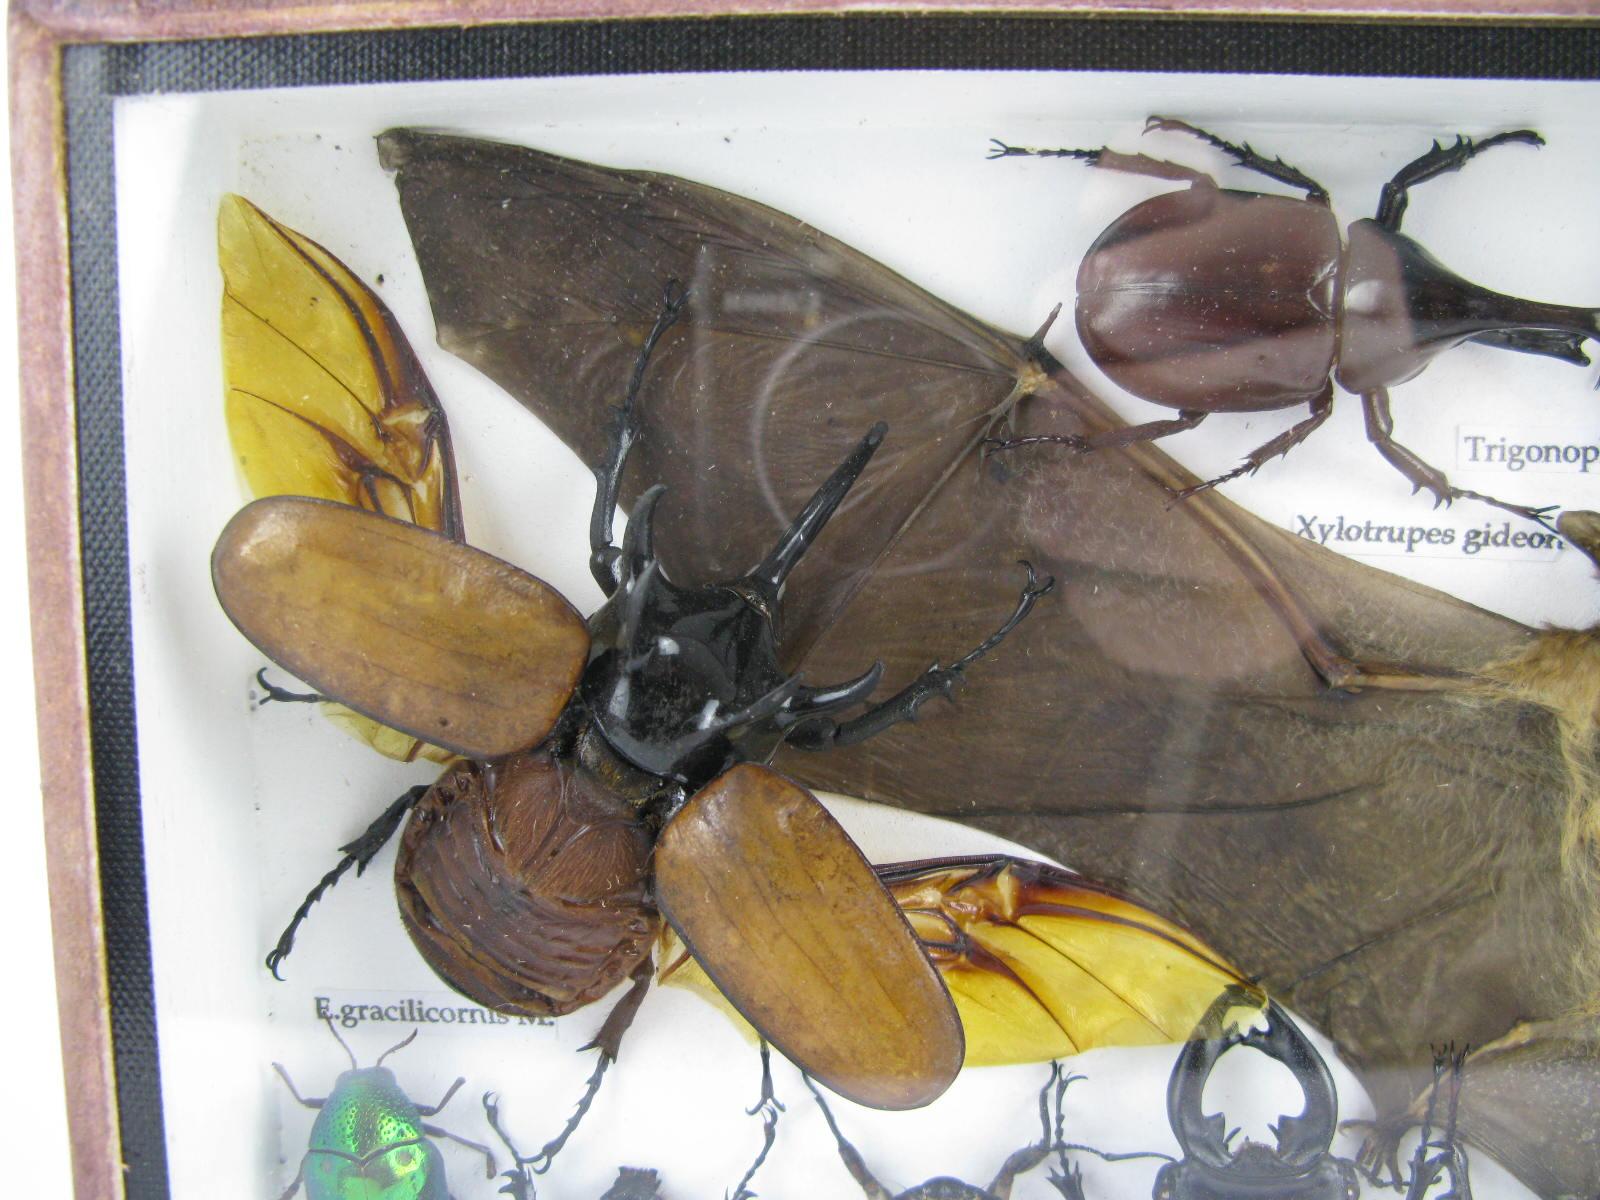 echte exotische insekten sehr gro schaukasten. Black Bedroom Furniture Sets. Home Design Ideas